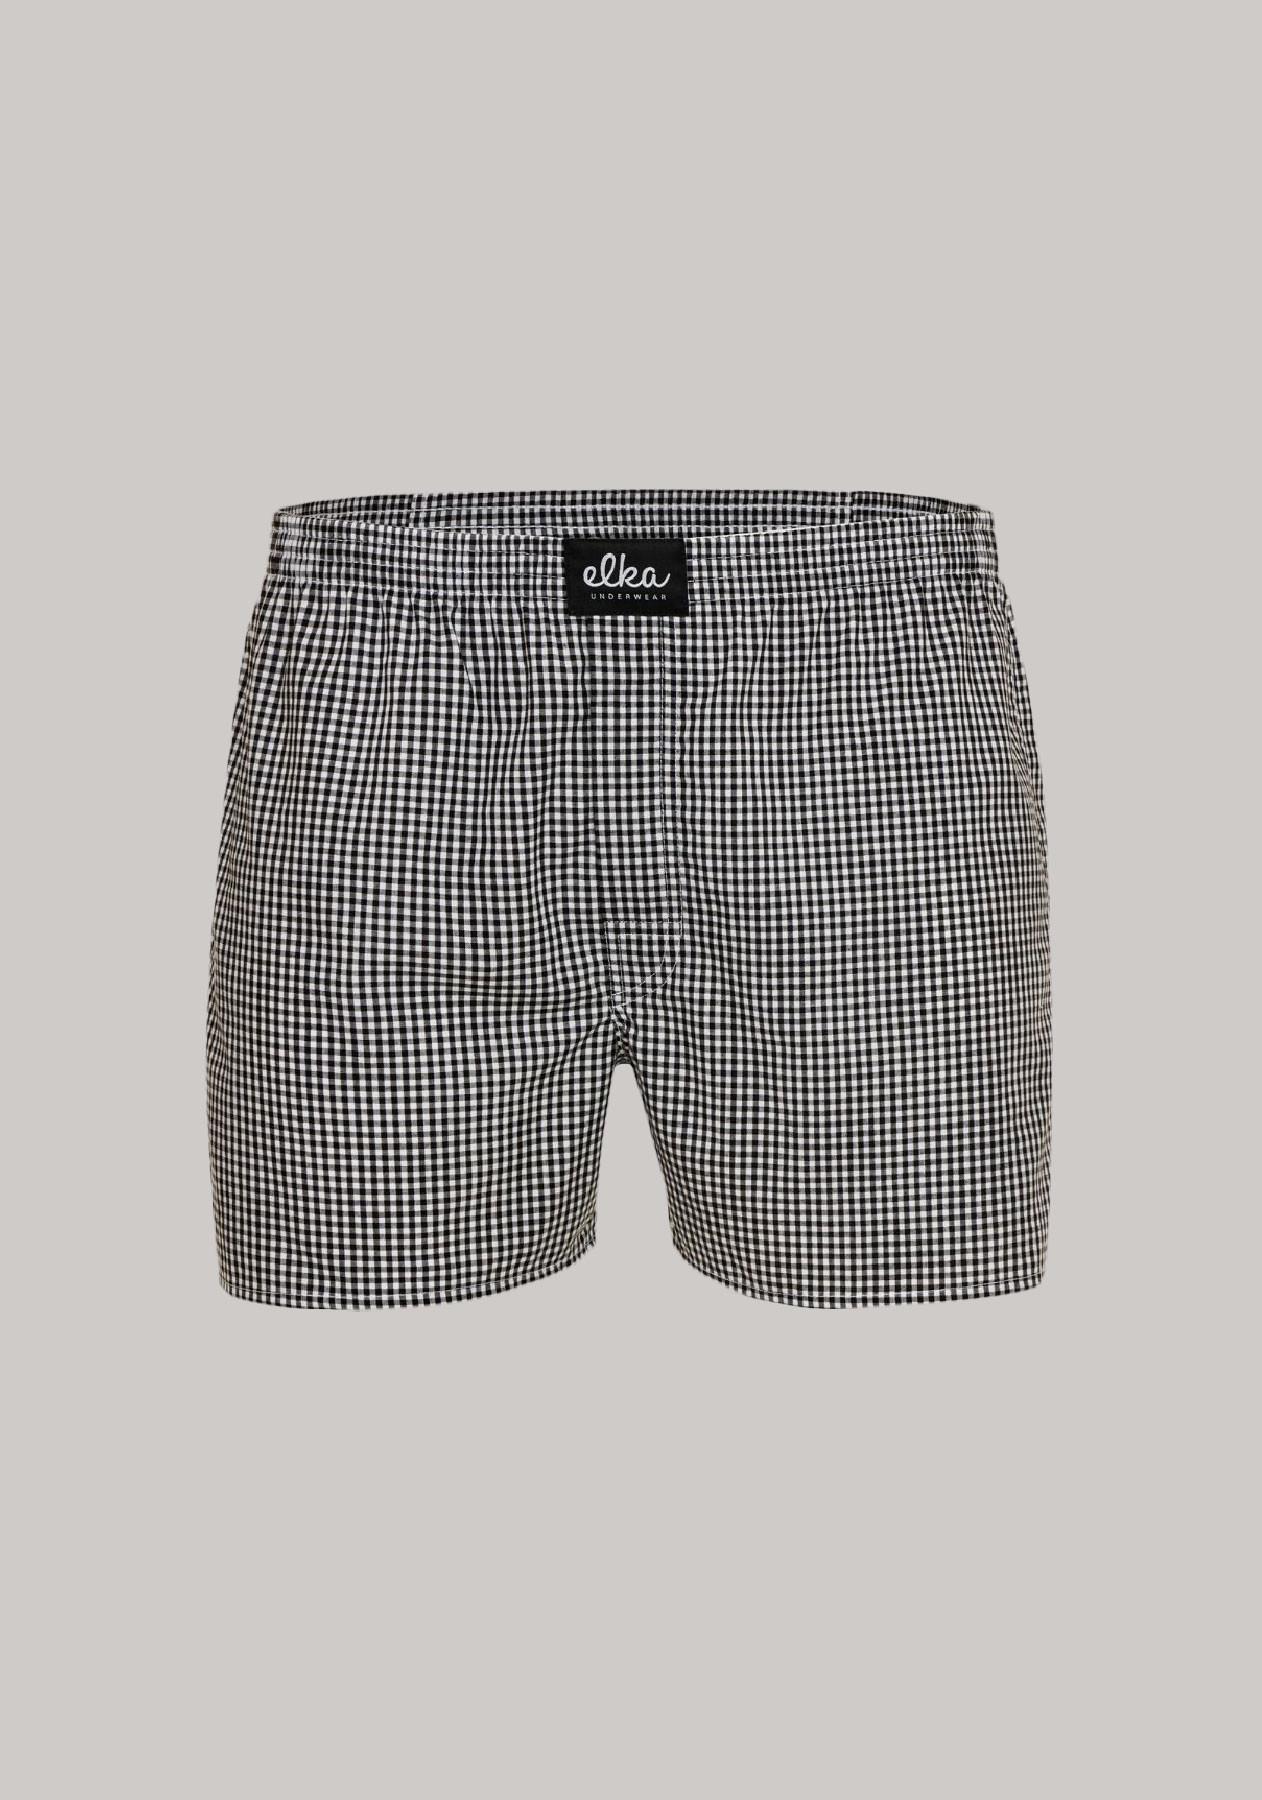 Men-boxershorts-ELKA-Lounge-P0016